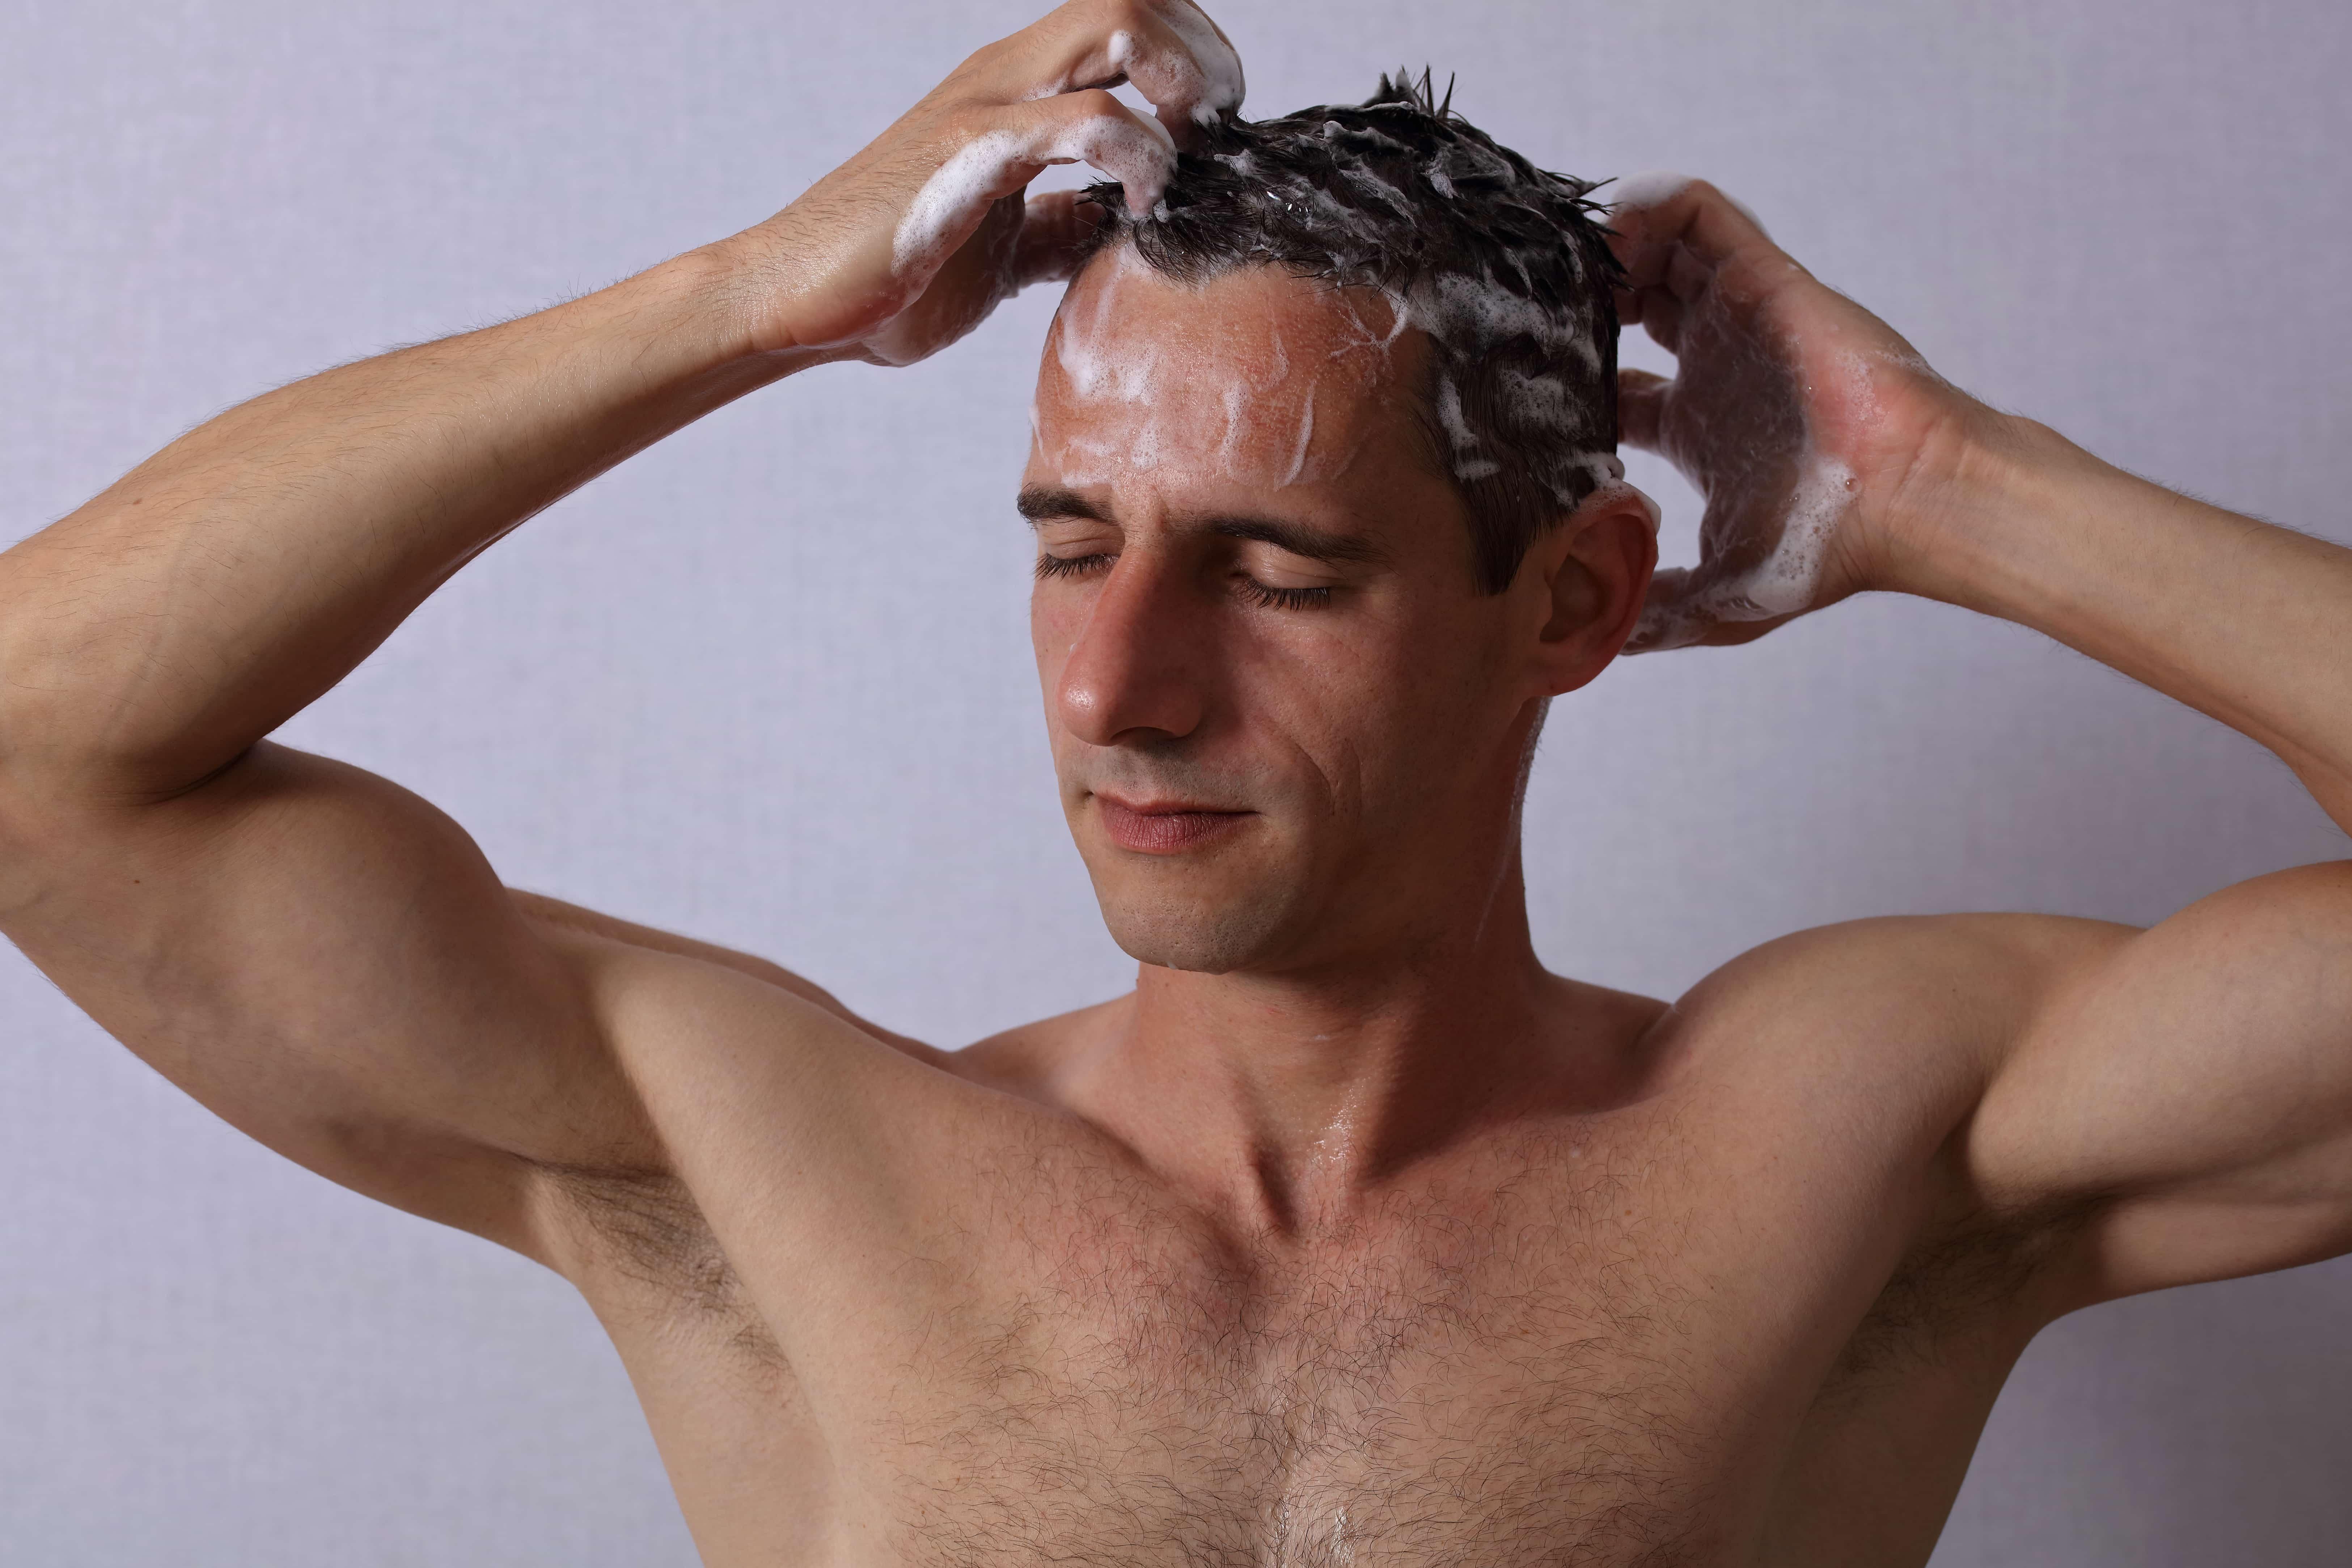 シャンプーをする男性